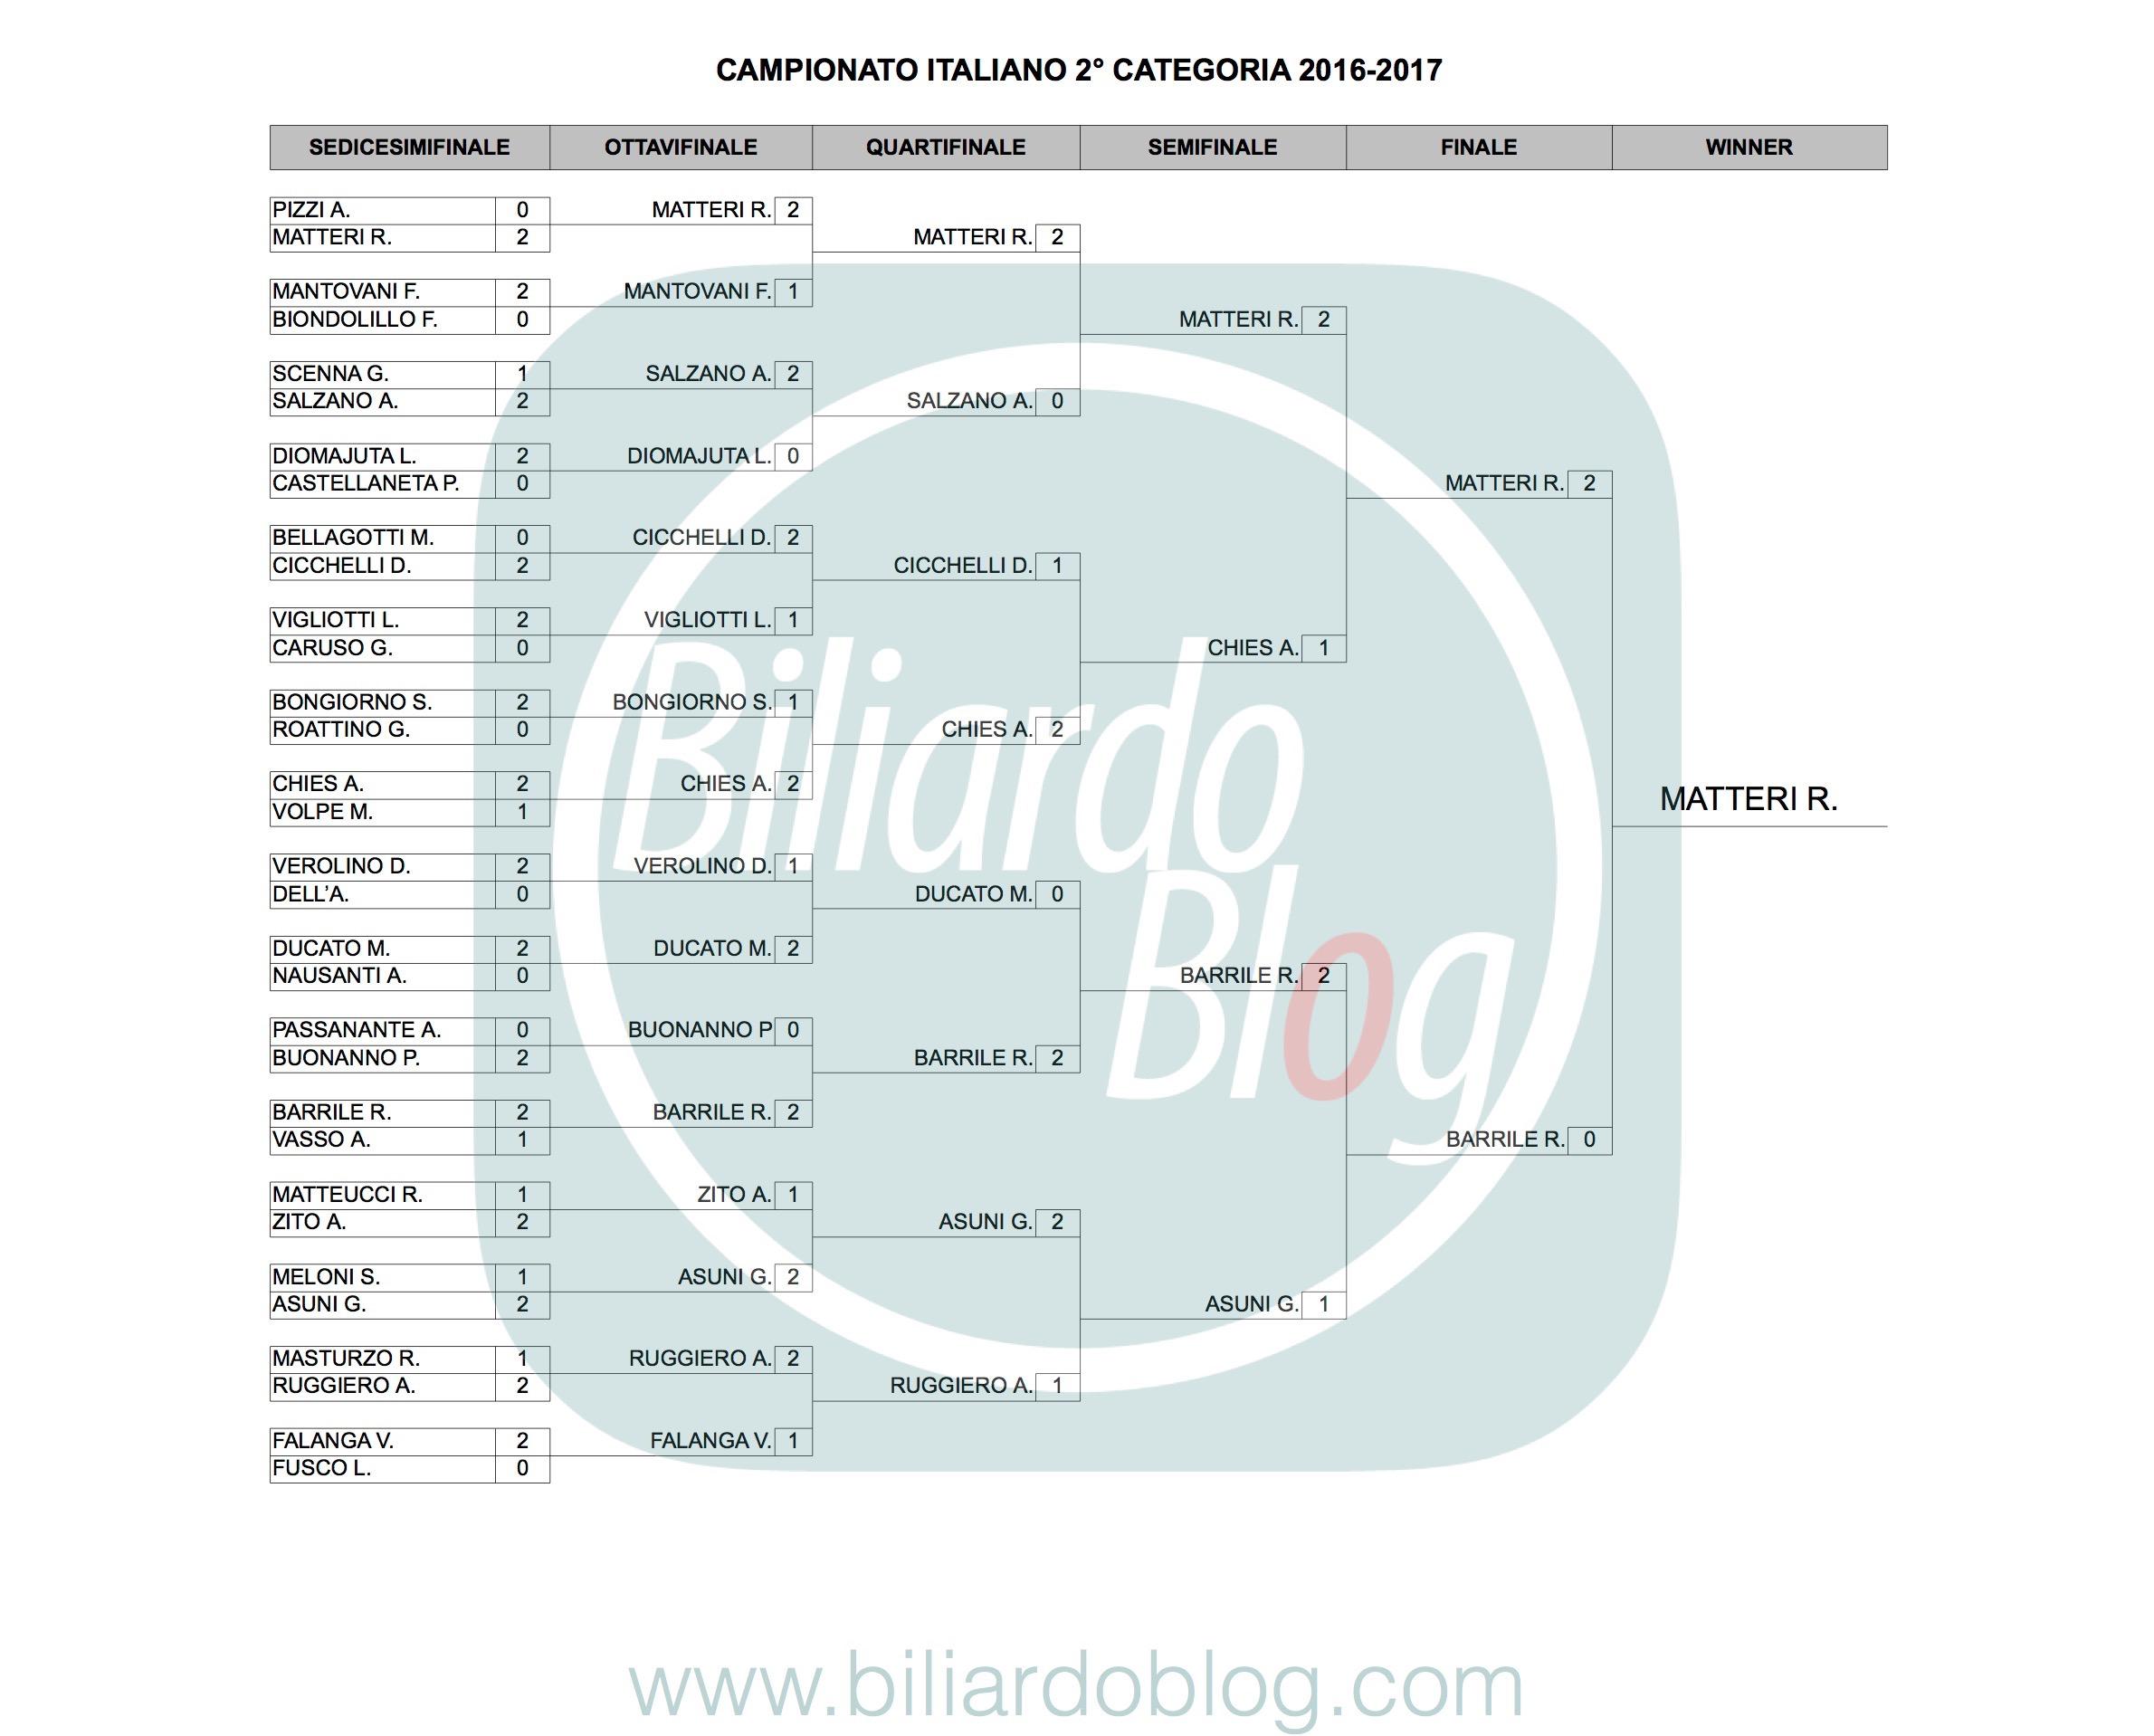 Campione Italiano Biliardo 2017: 2° Categoria